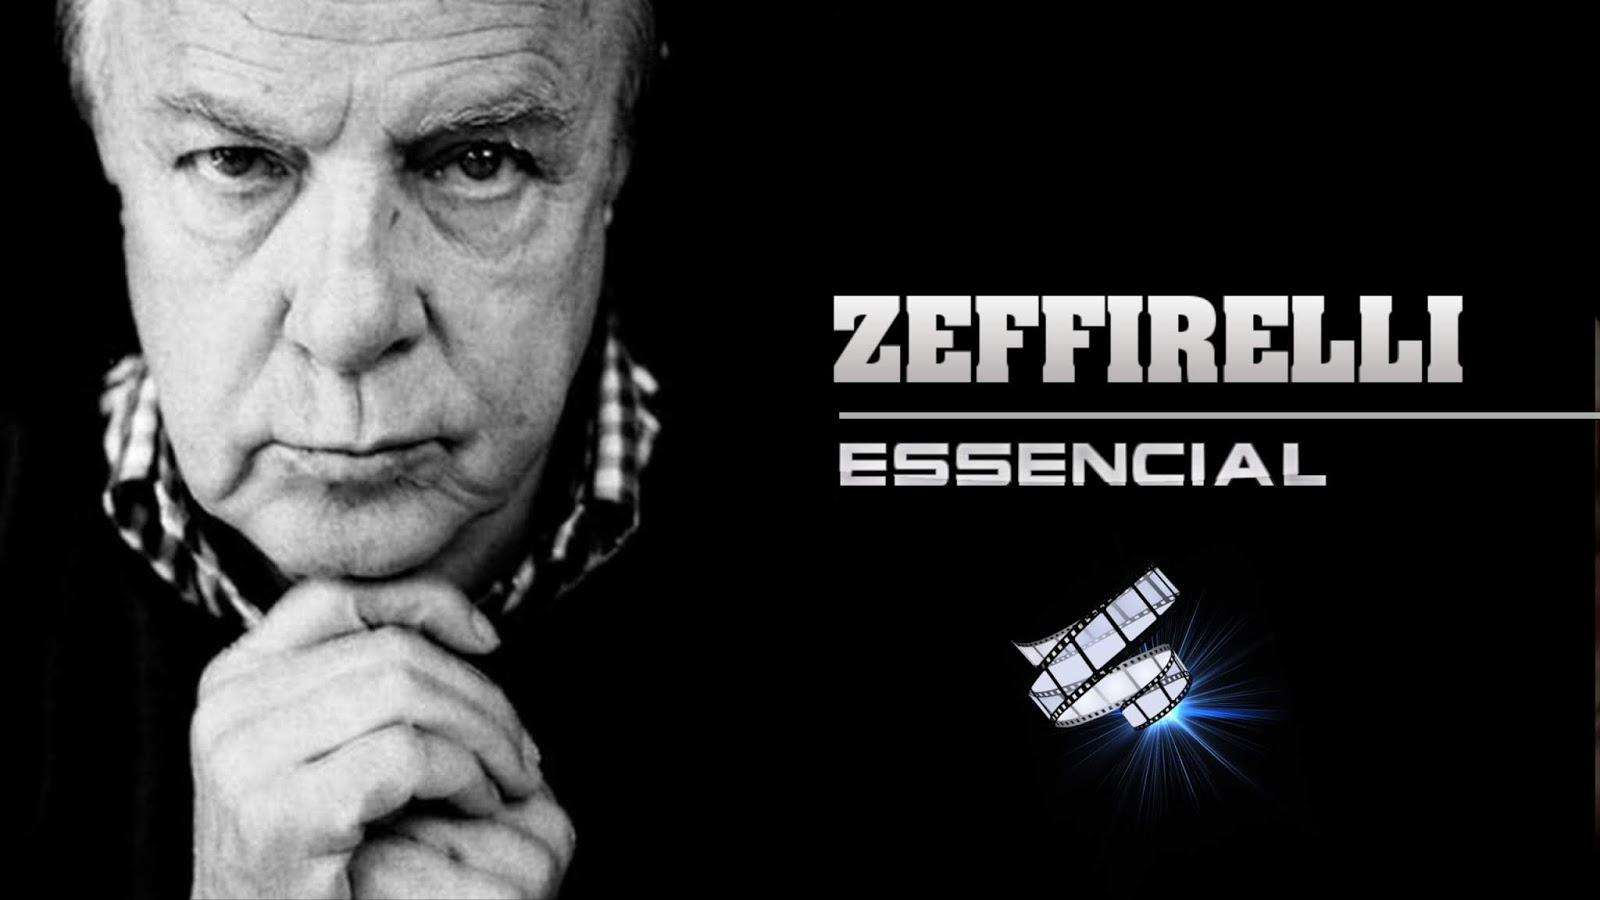 franco-zeffirelli-10-filmes-essenciais